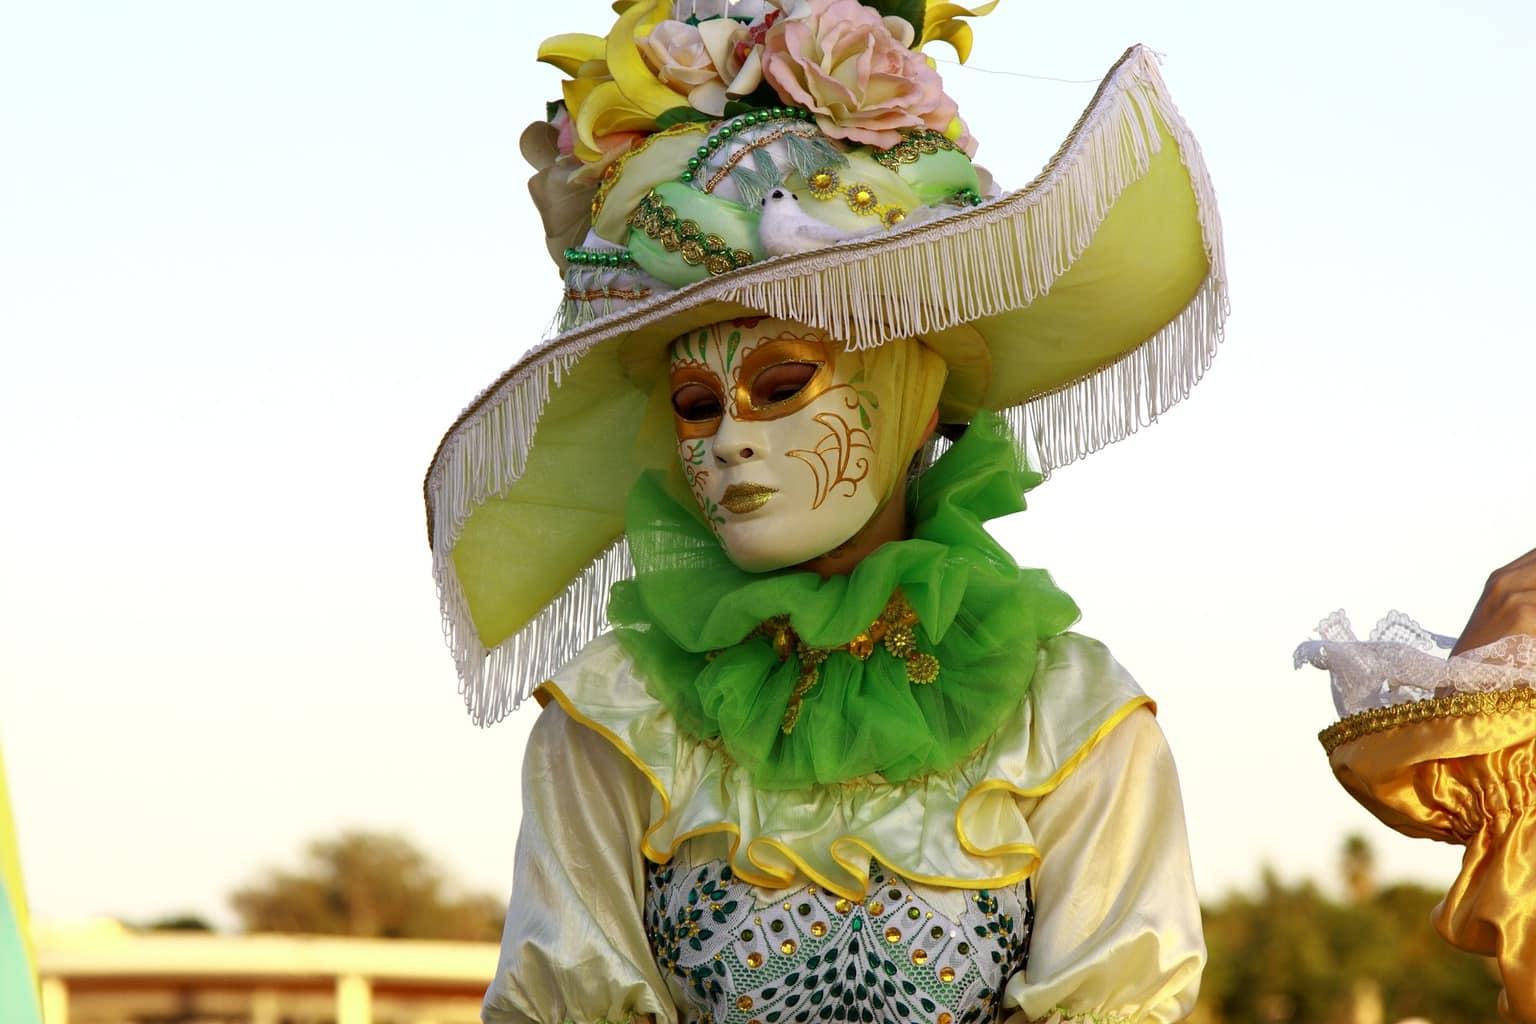 fotografía carnaval de Venecia